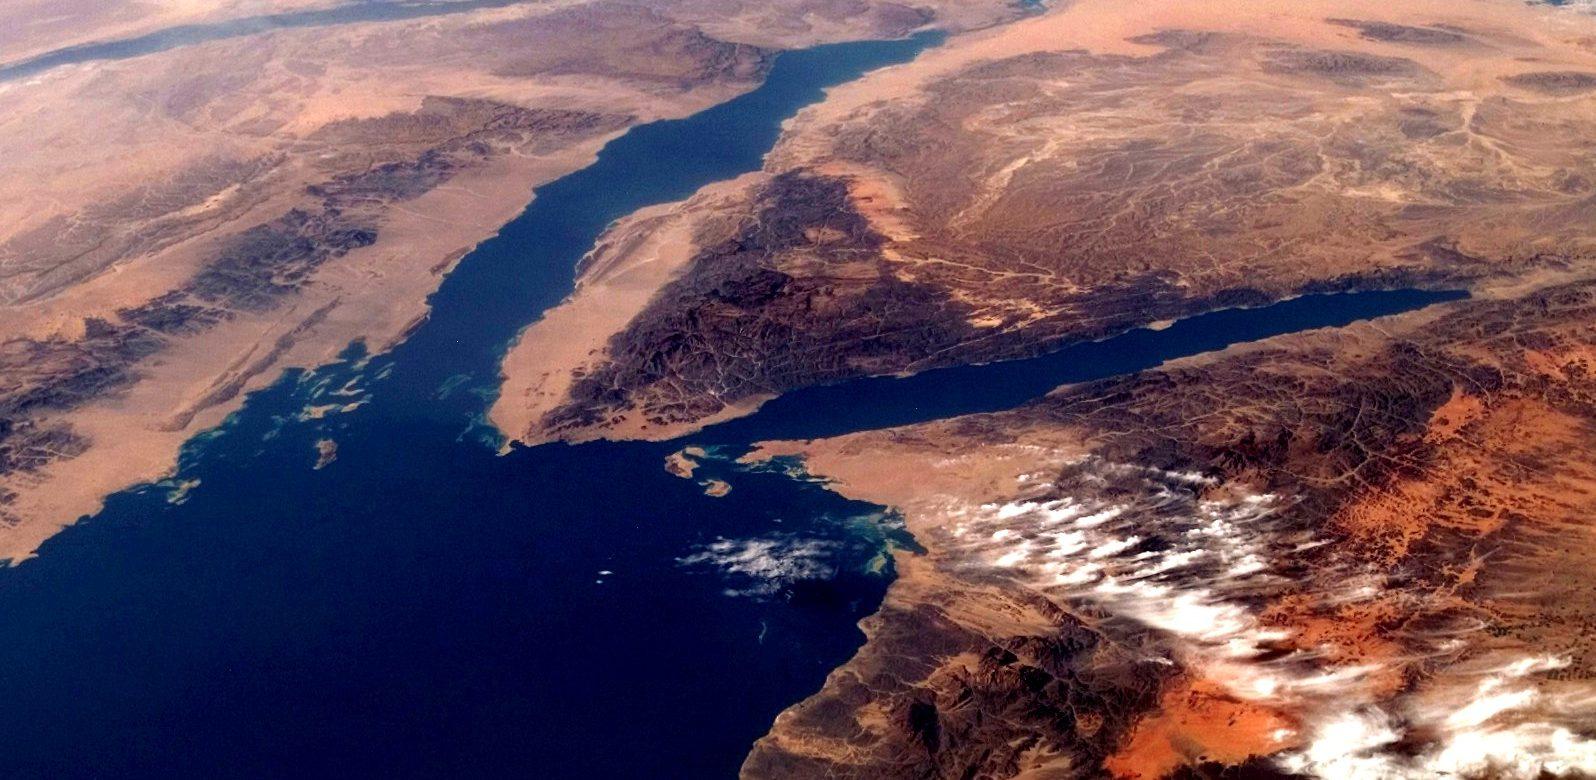 La Russie prévoit d'investir 4,6 milliards de dollars près du canal de Suez